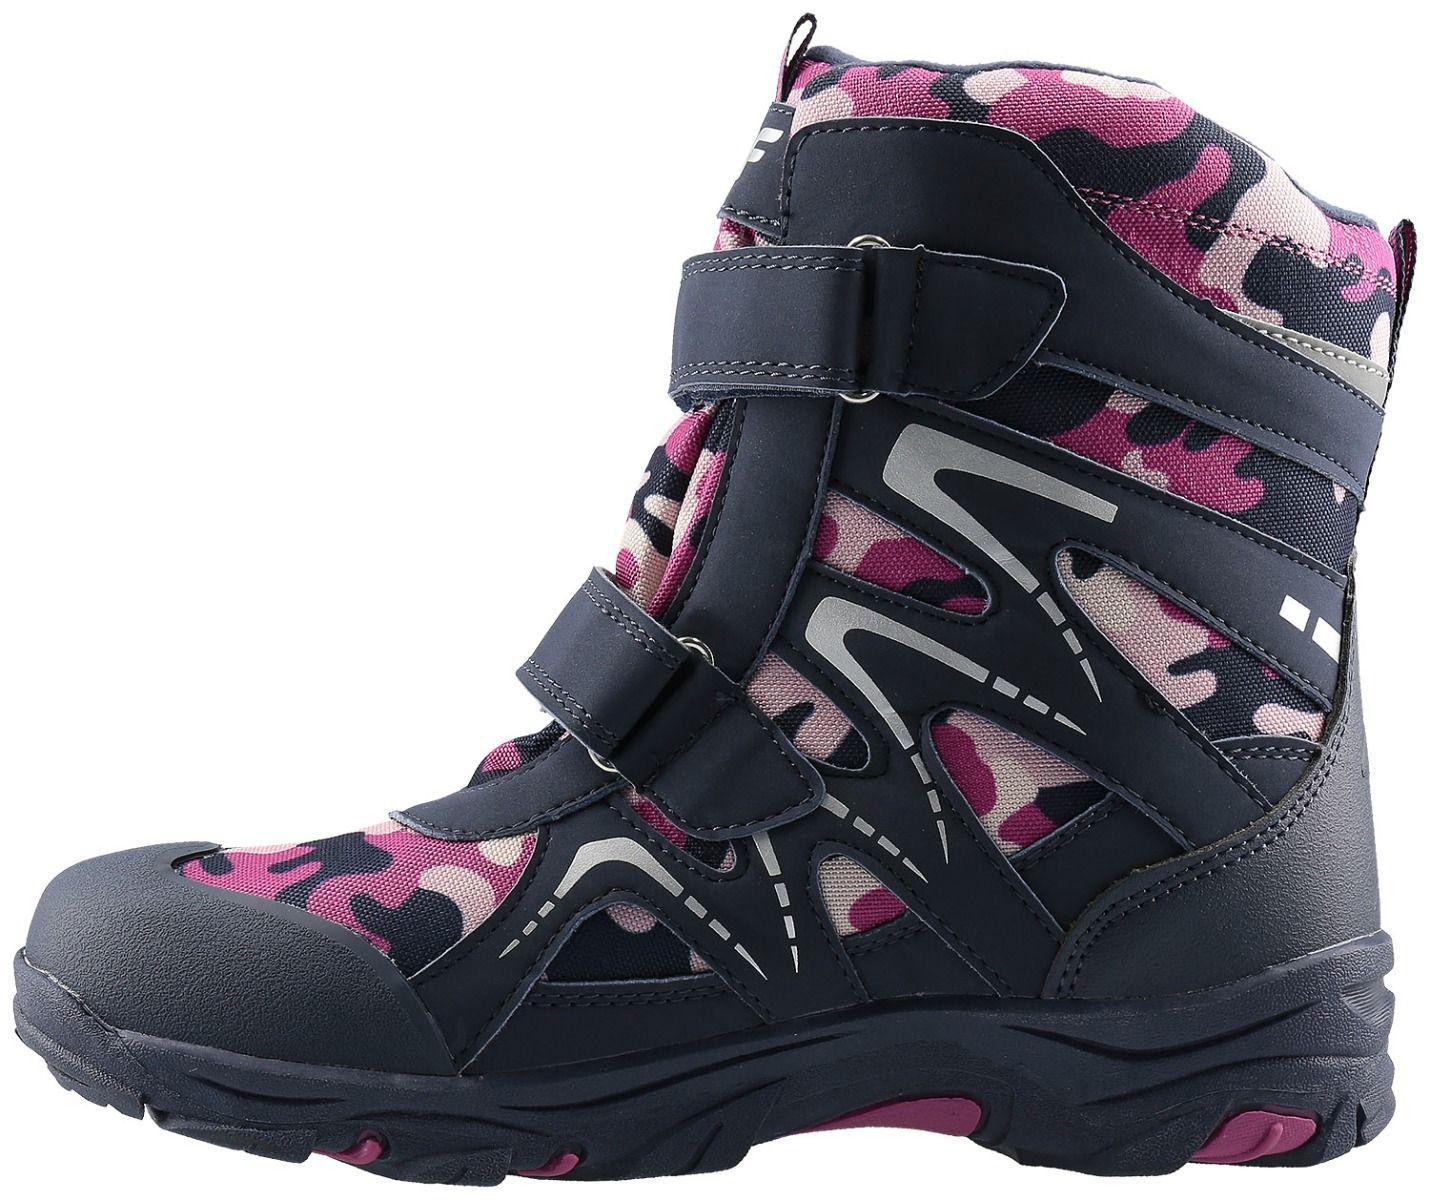 Buty zimowe dla dziewcząt - pełna rozmiarówka (30-38), darmowa dostawa @4F